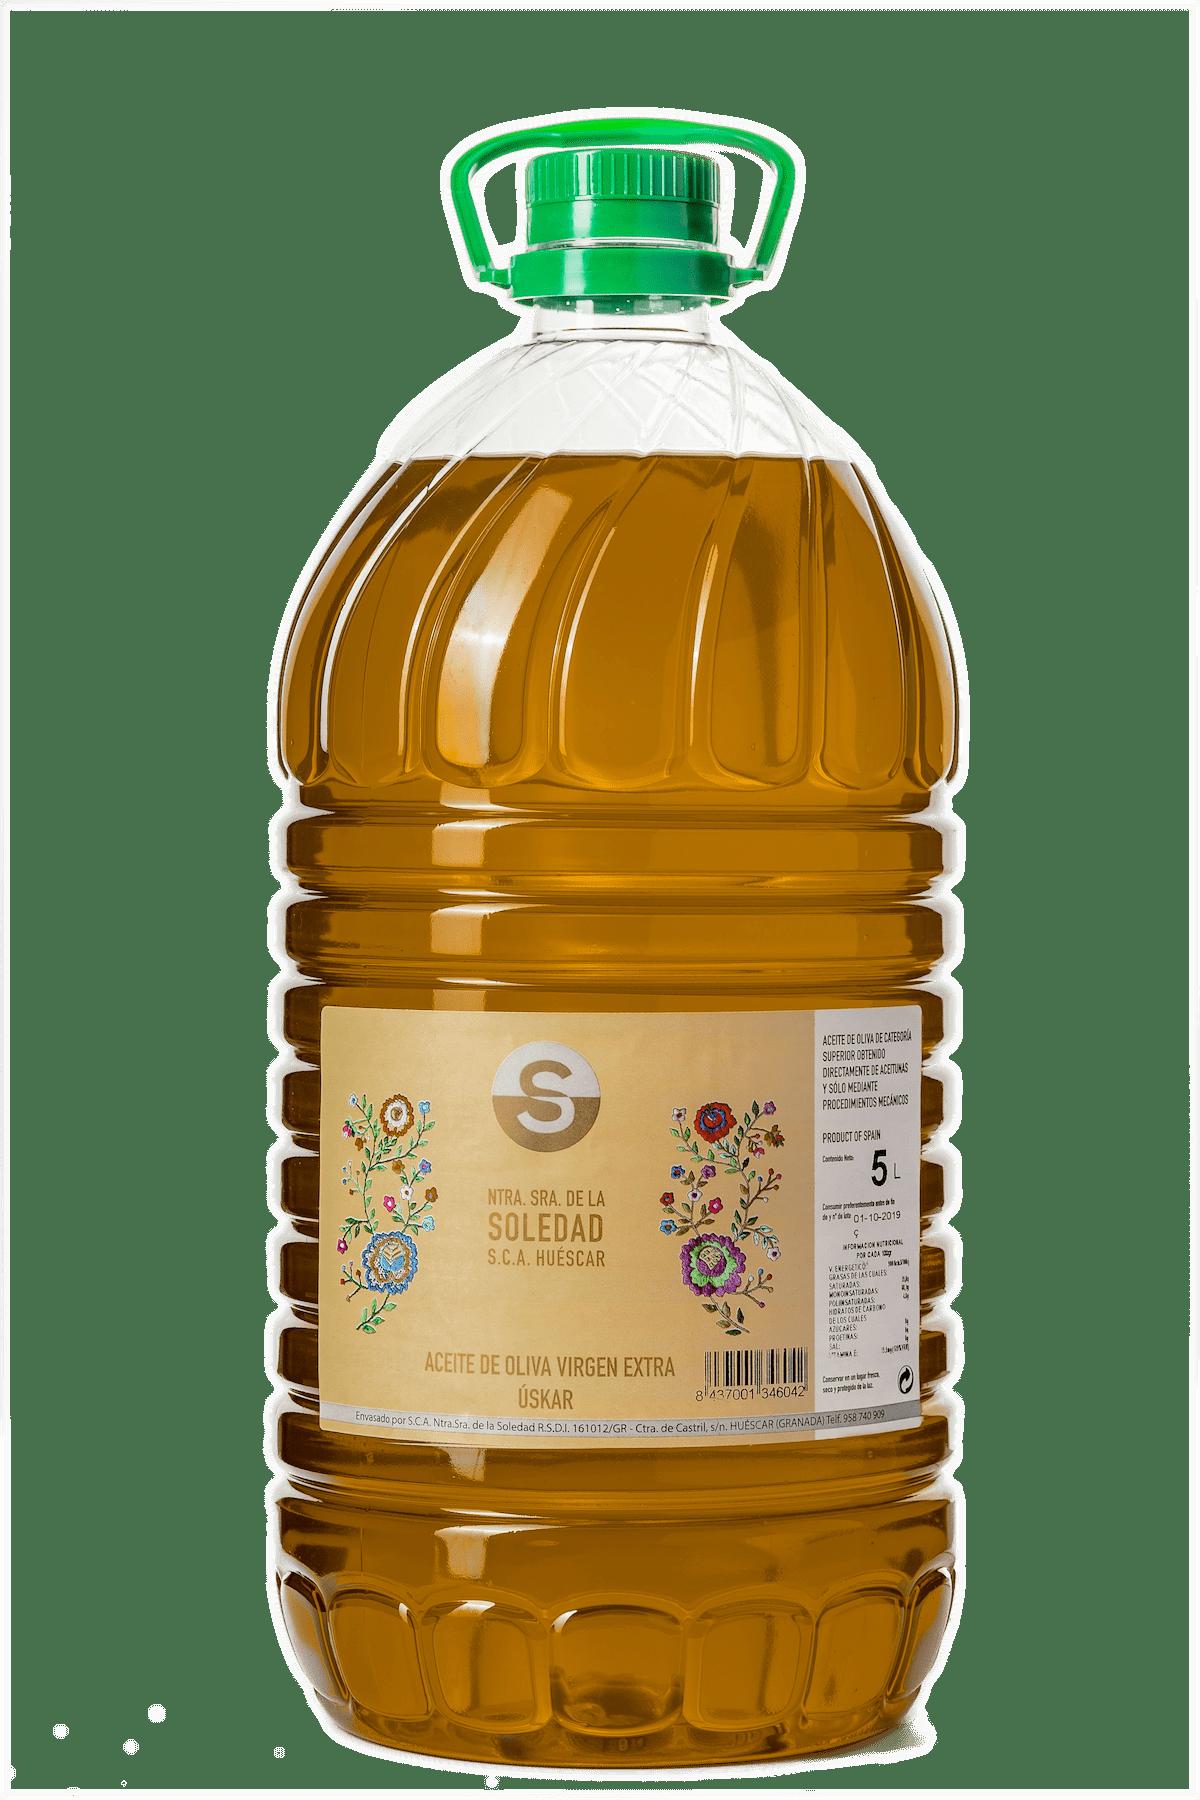 Aceite Cooperativa La Soledad garrafa 5 L.